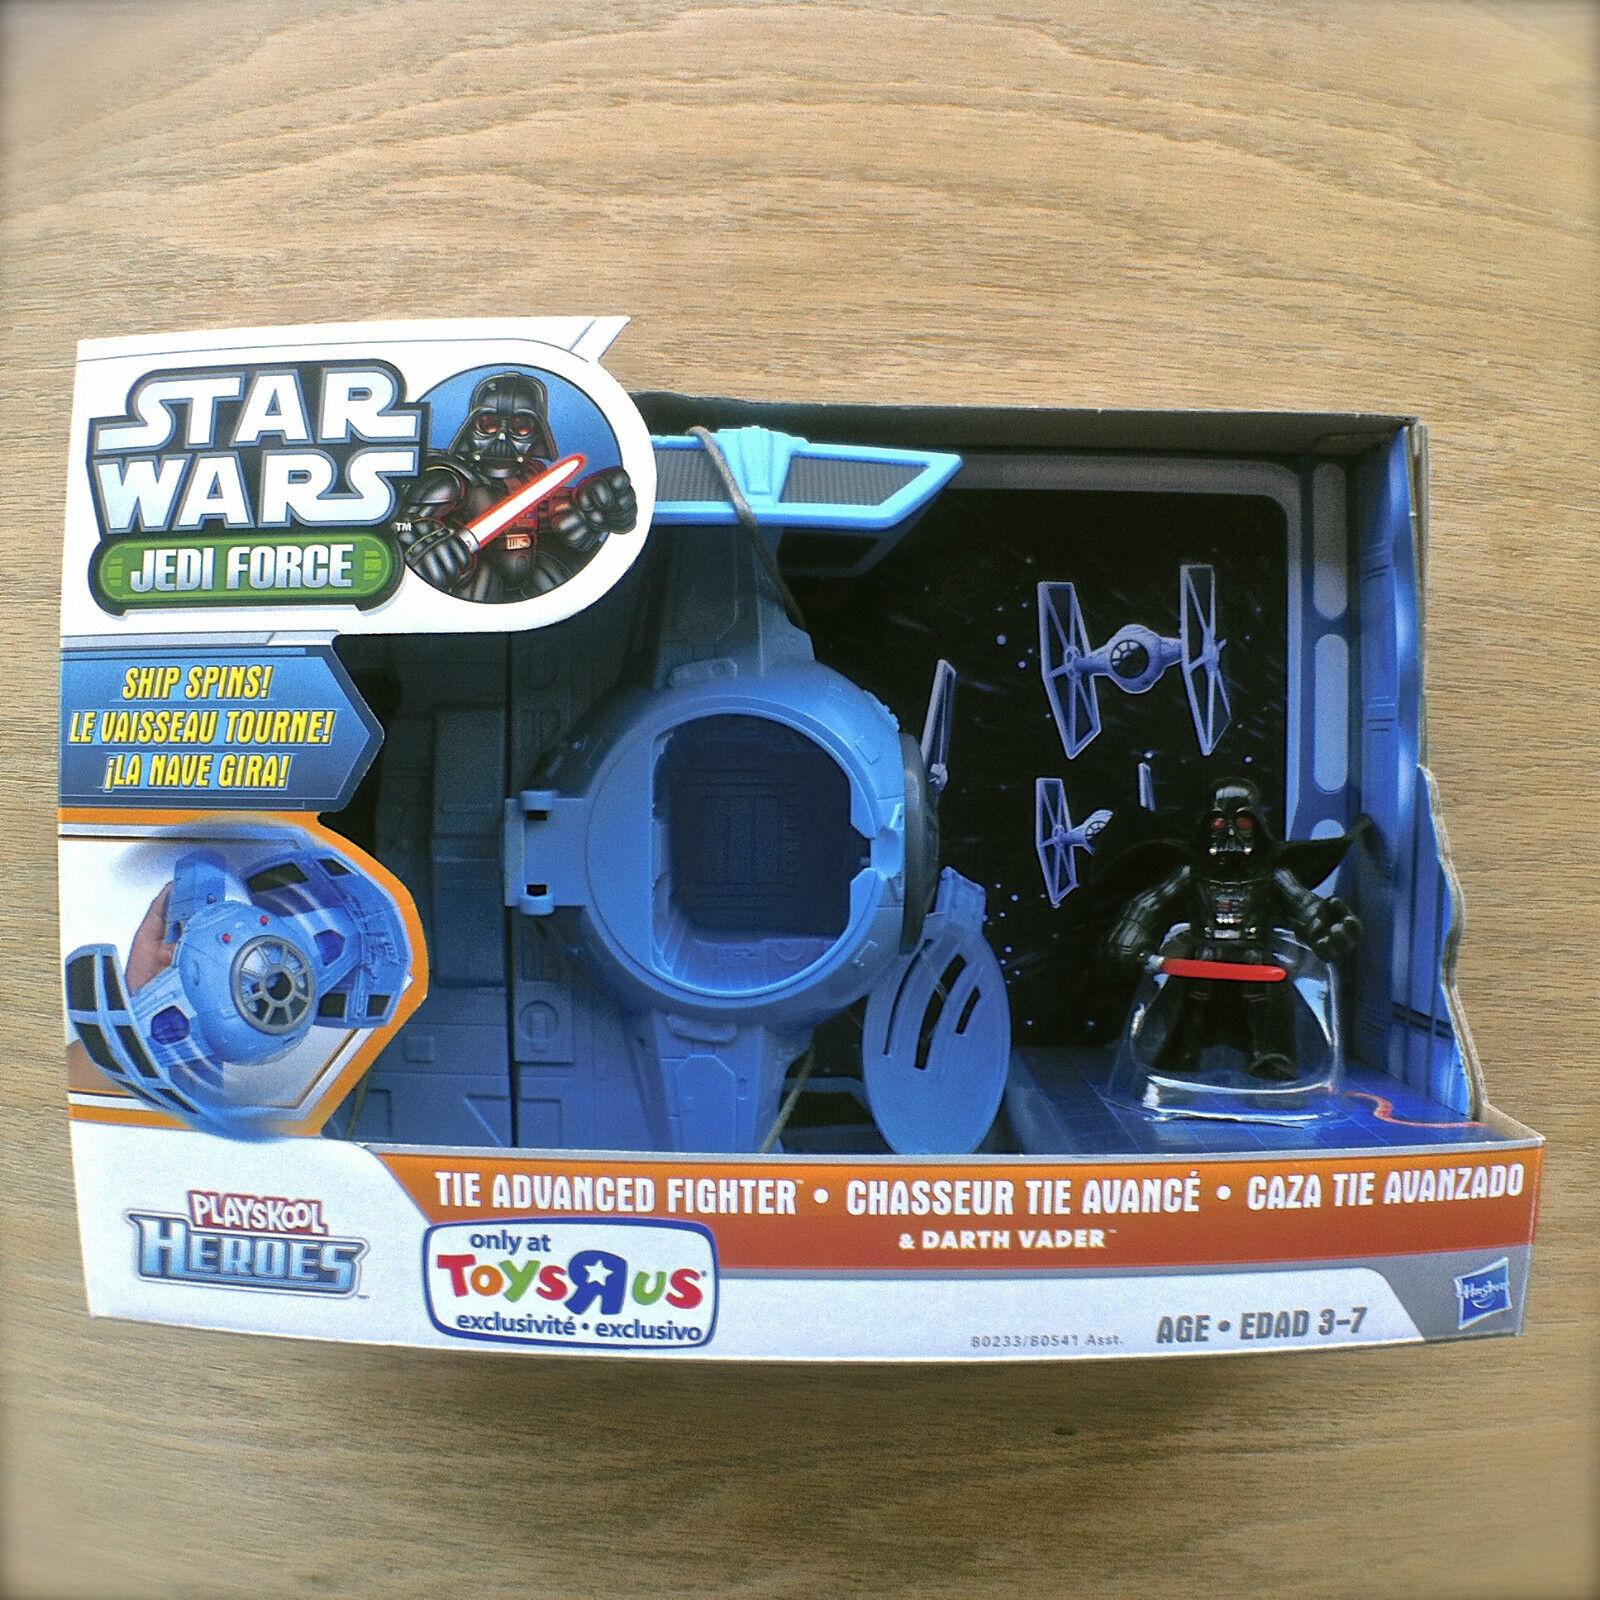 stjärnornas krig Jedi Force TIE TIDIGARE Fighter och Dkonsth Vander Hasbro spelaskools hjältar